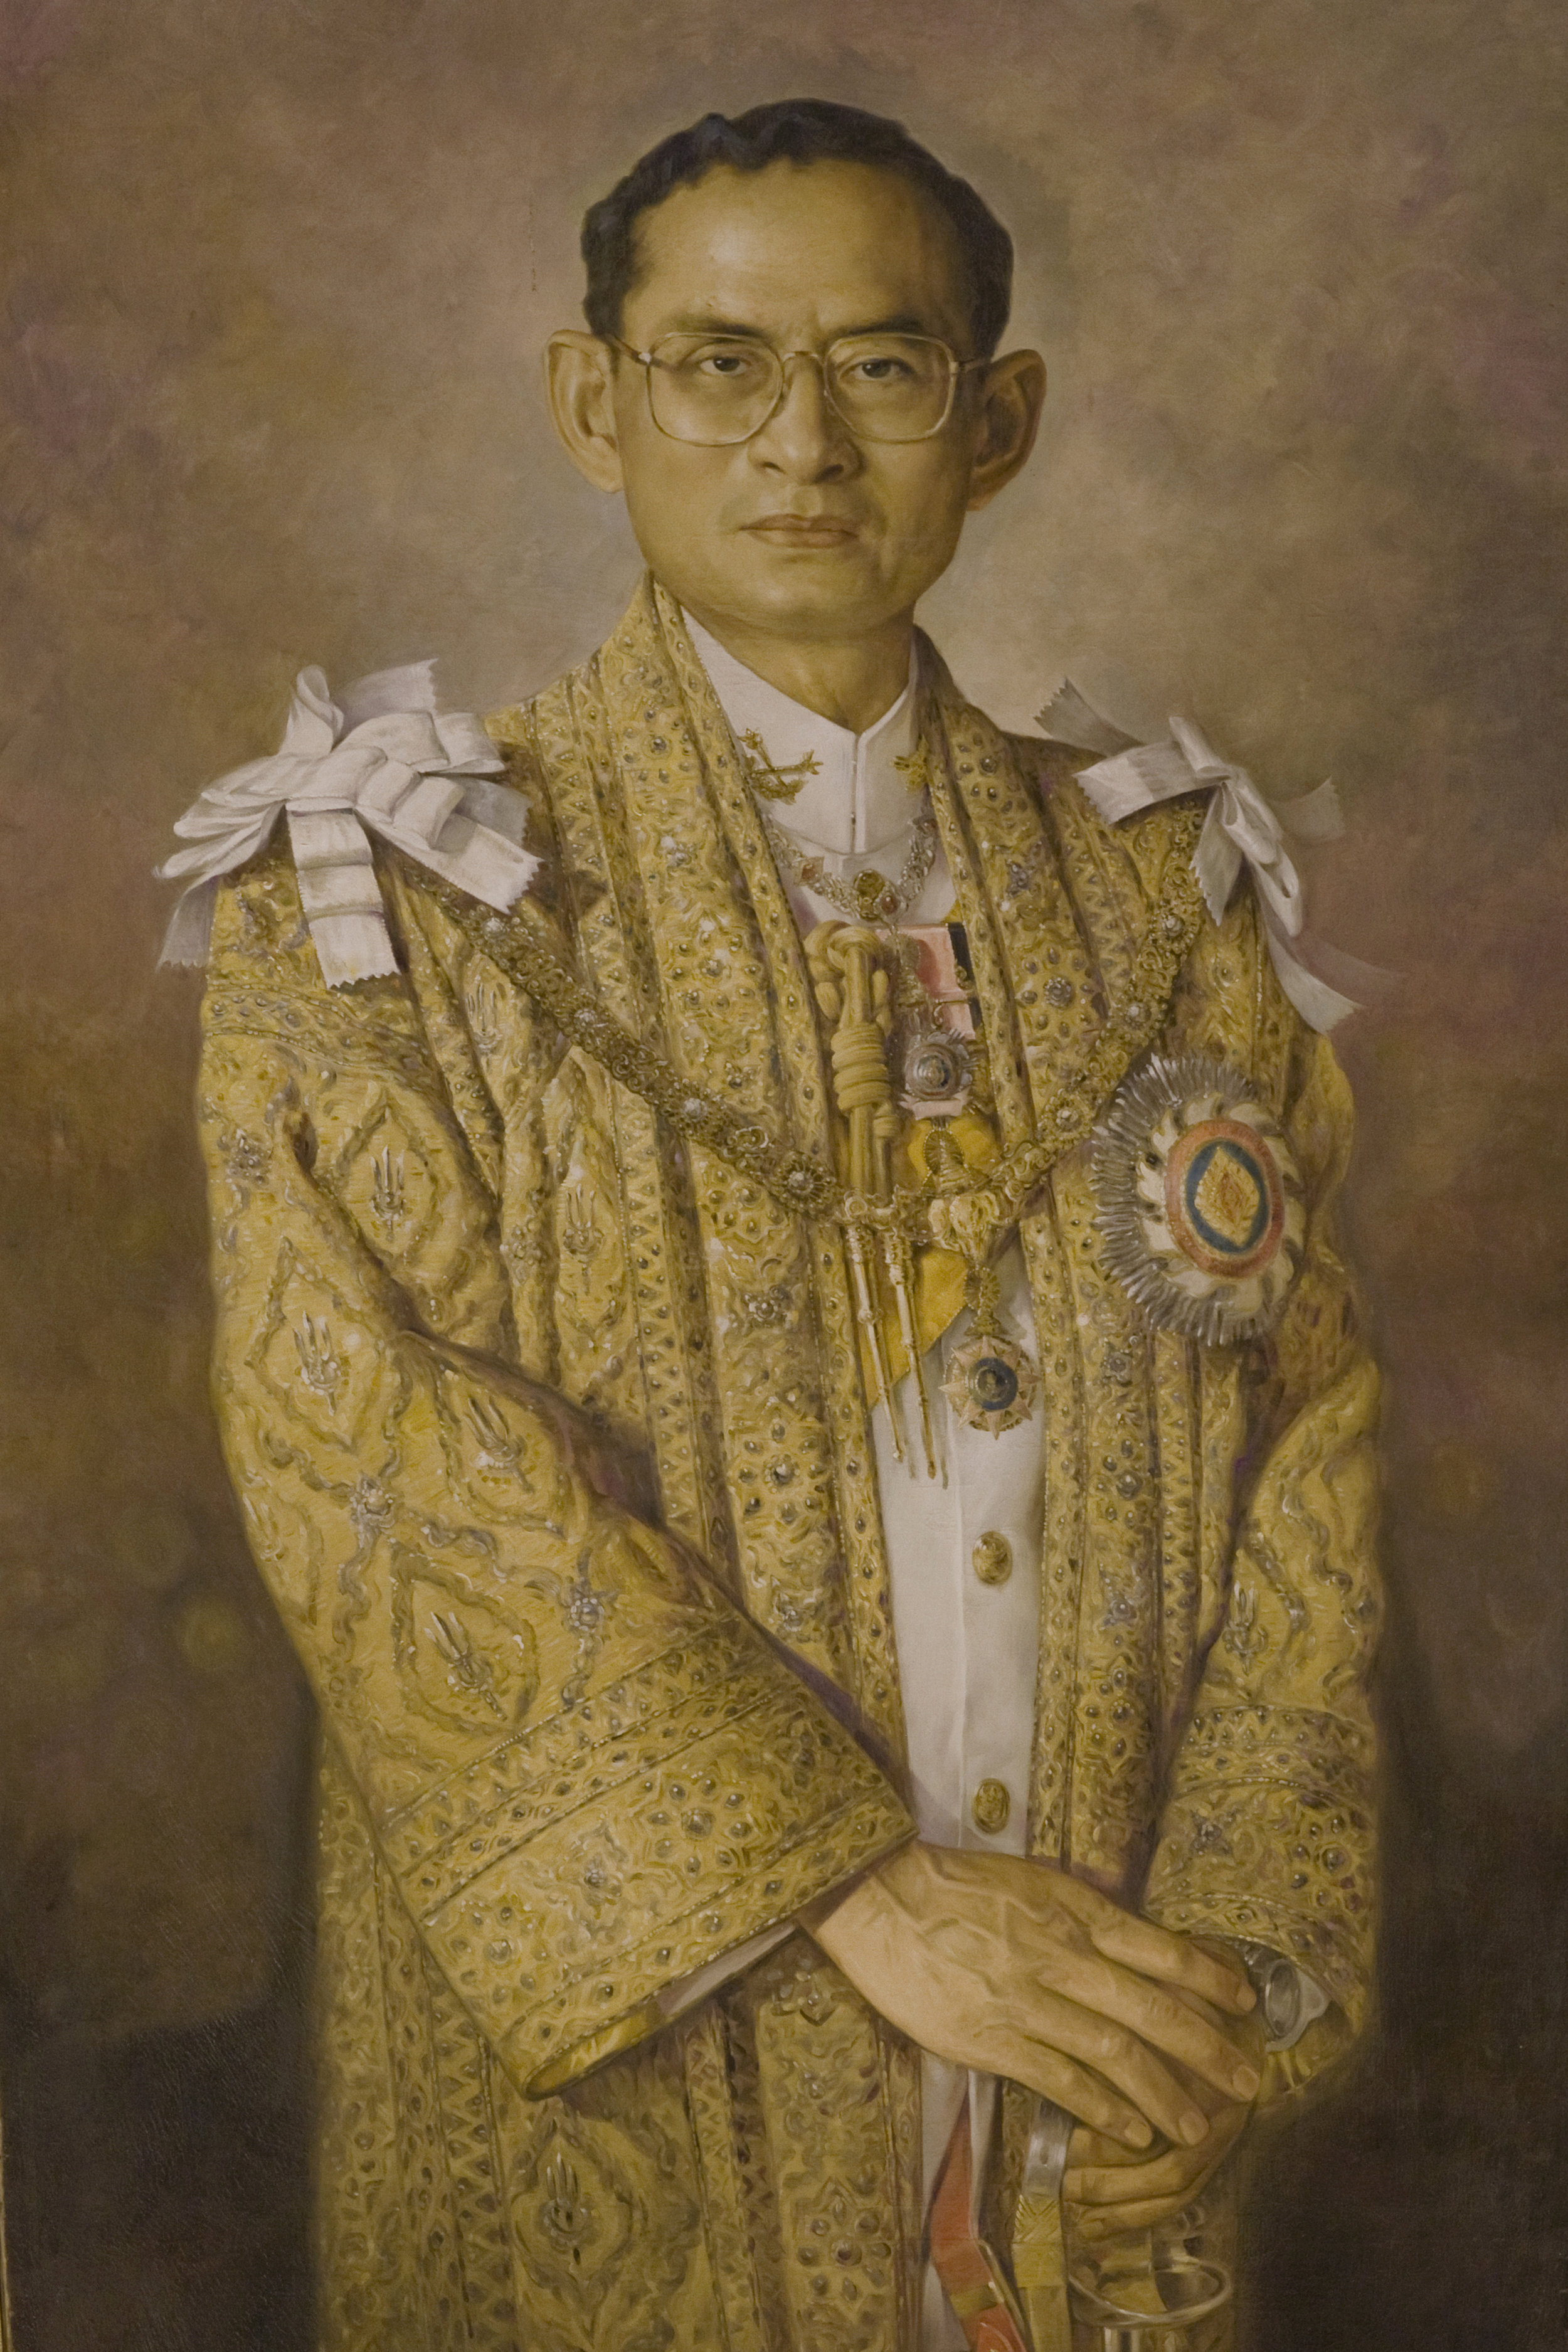 Ein Gemälde vom verstorbenen König Bhumibol   Foto: Government of Thailand - ,  CC BY 2.0